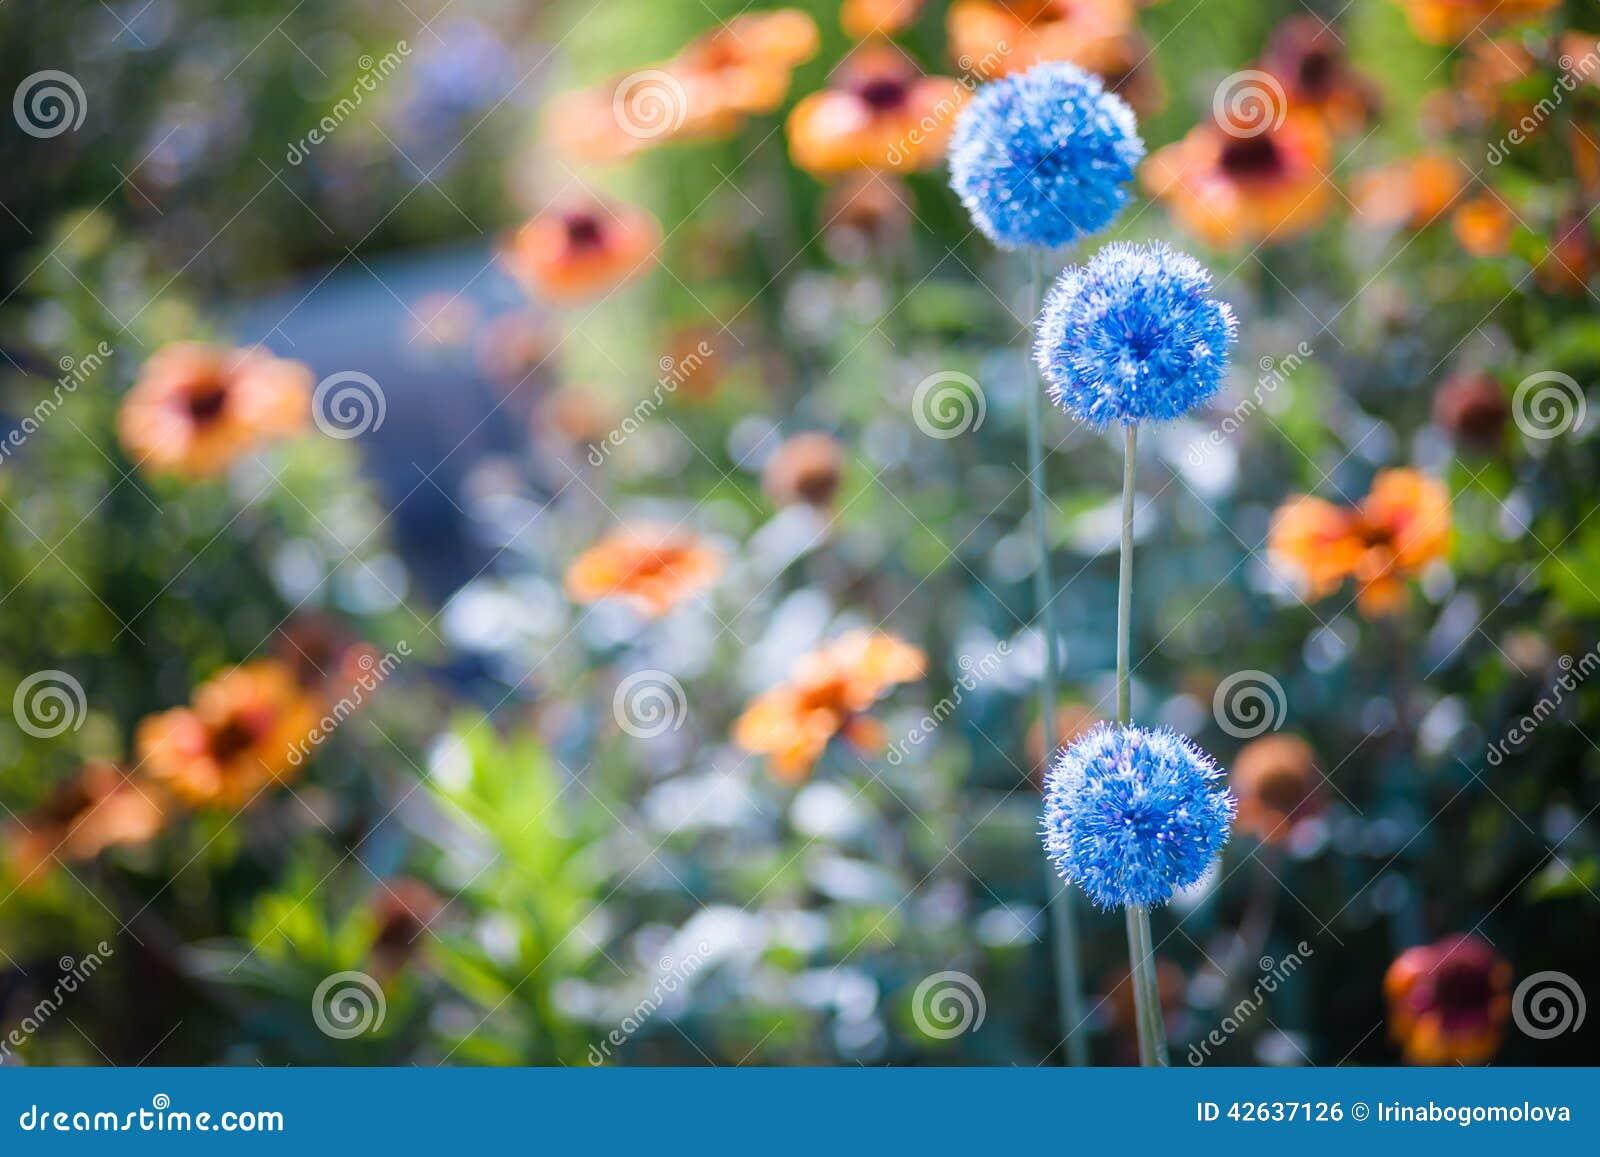 flores para jardim verao : flores para jardim verao:Flores Azuis Em Um Jardim Do Verão Foto de Stock – Imagem: 42637126